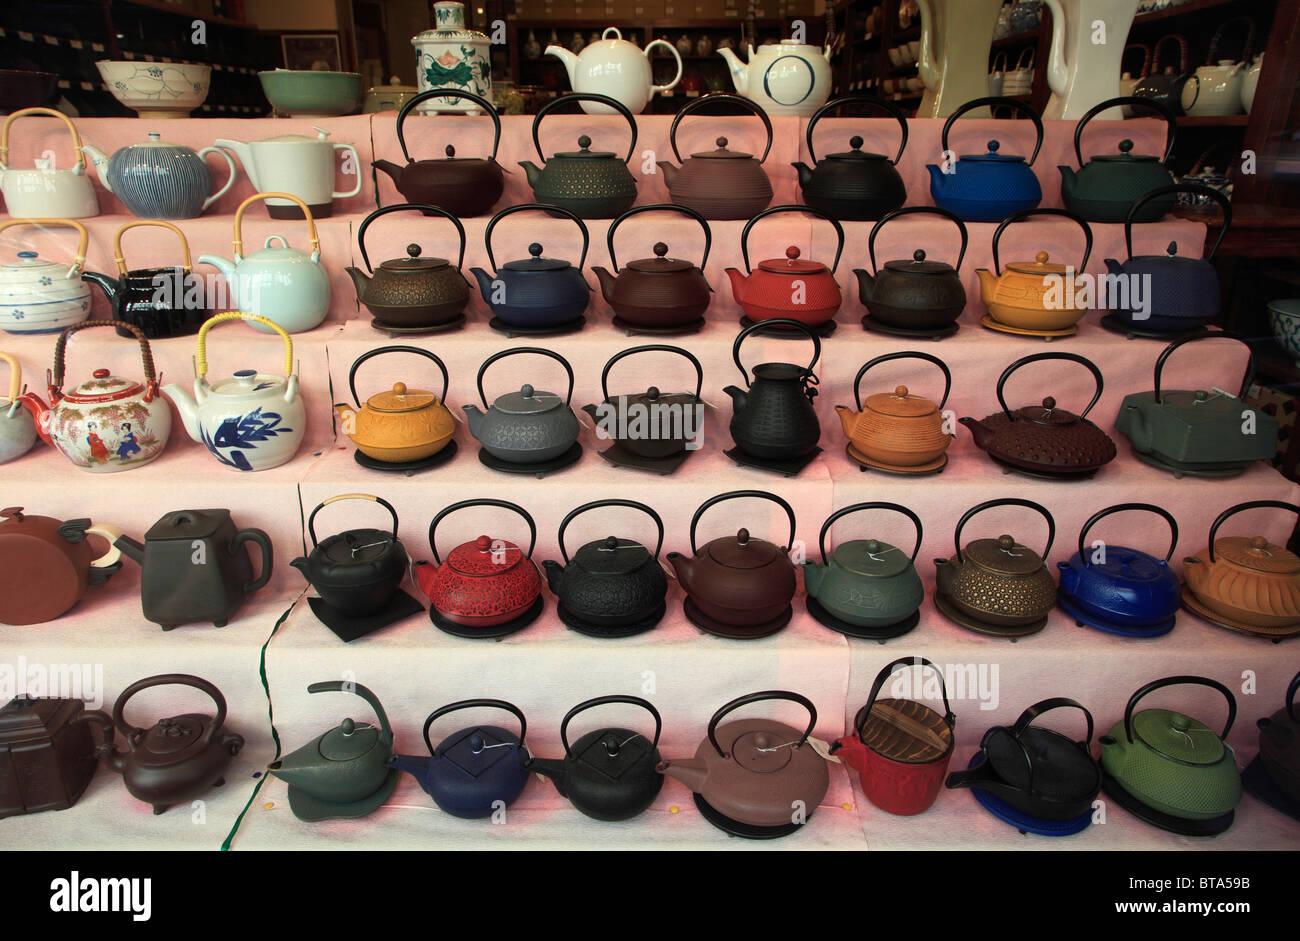 France, Paris, tea shop, teapots, - Stock Image